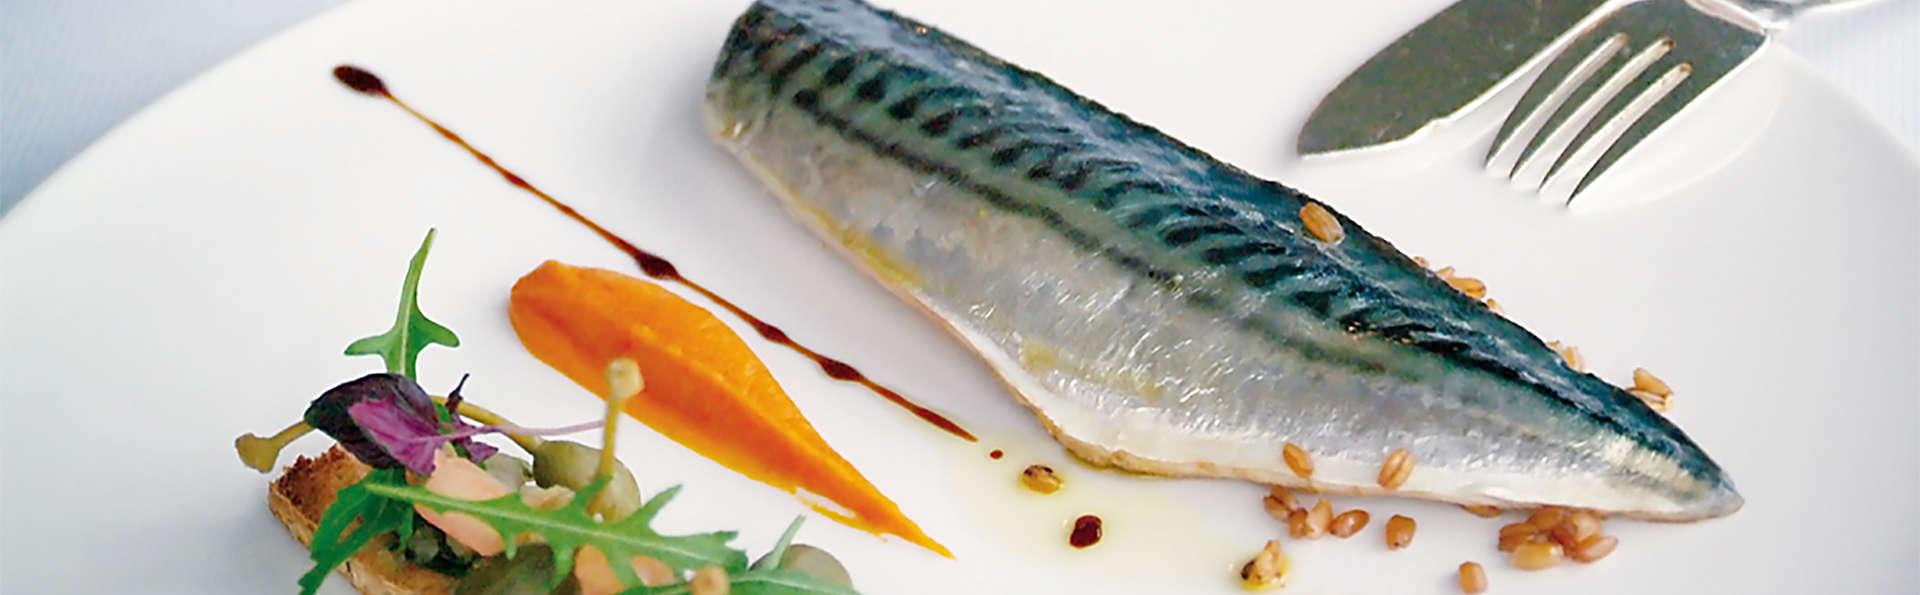 Séjour culinaire et détente pour 2 au Limbourg